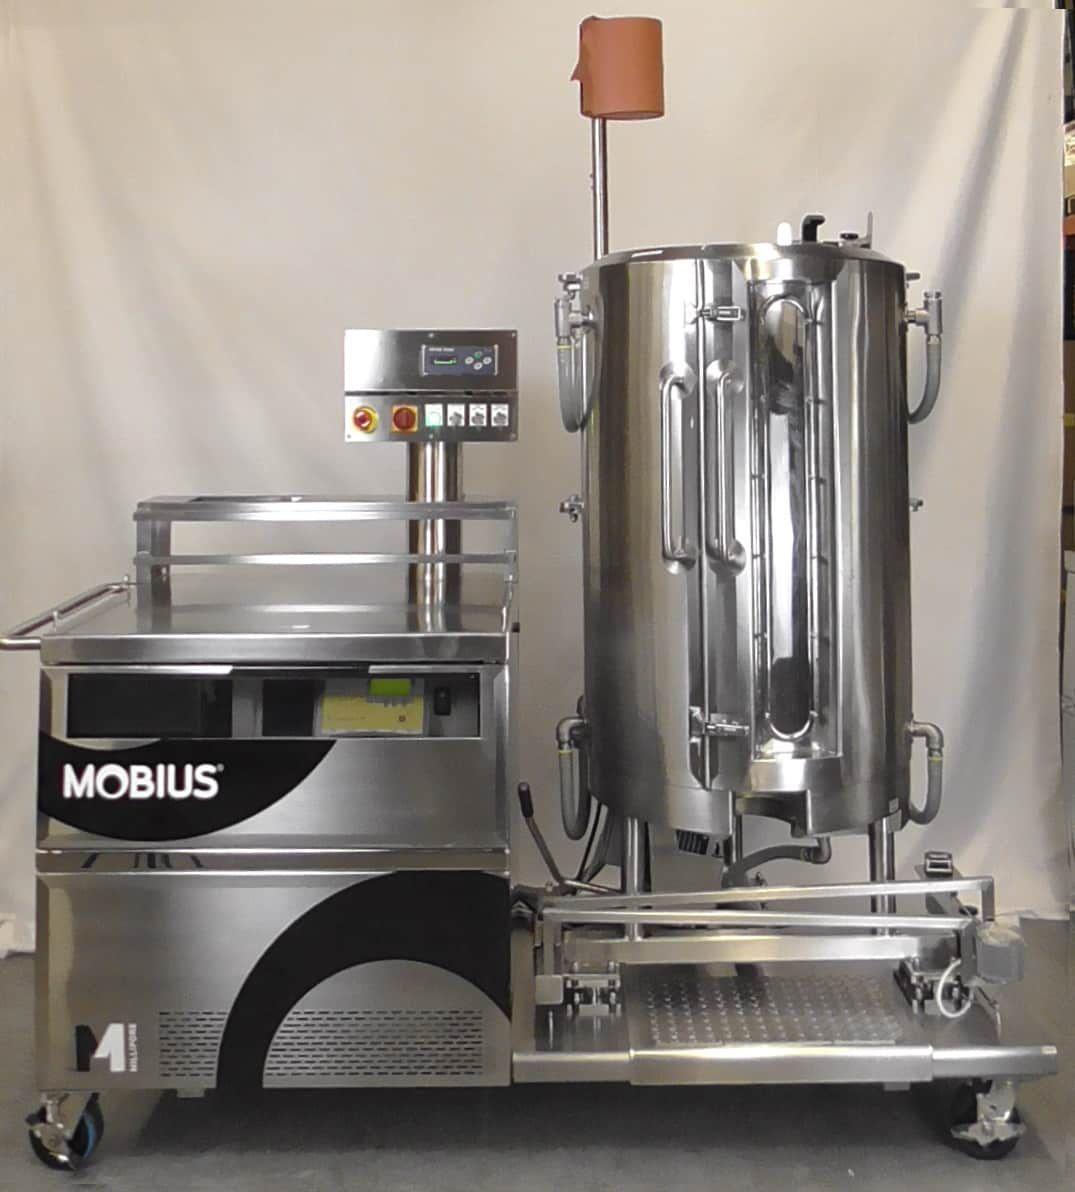 Millipore Mobius 200 Liter Bioreactor